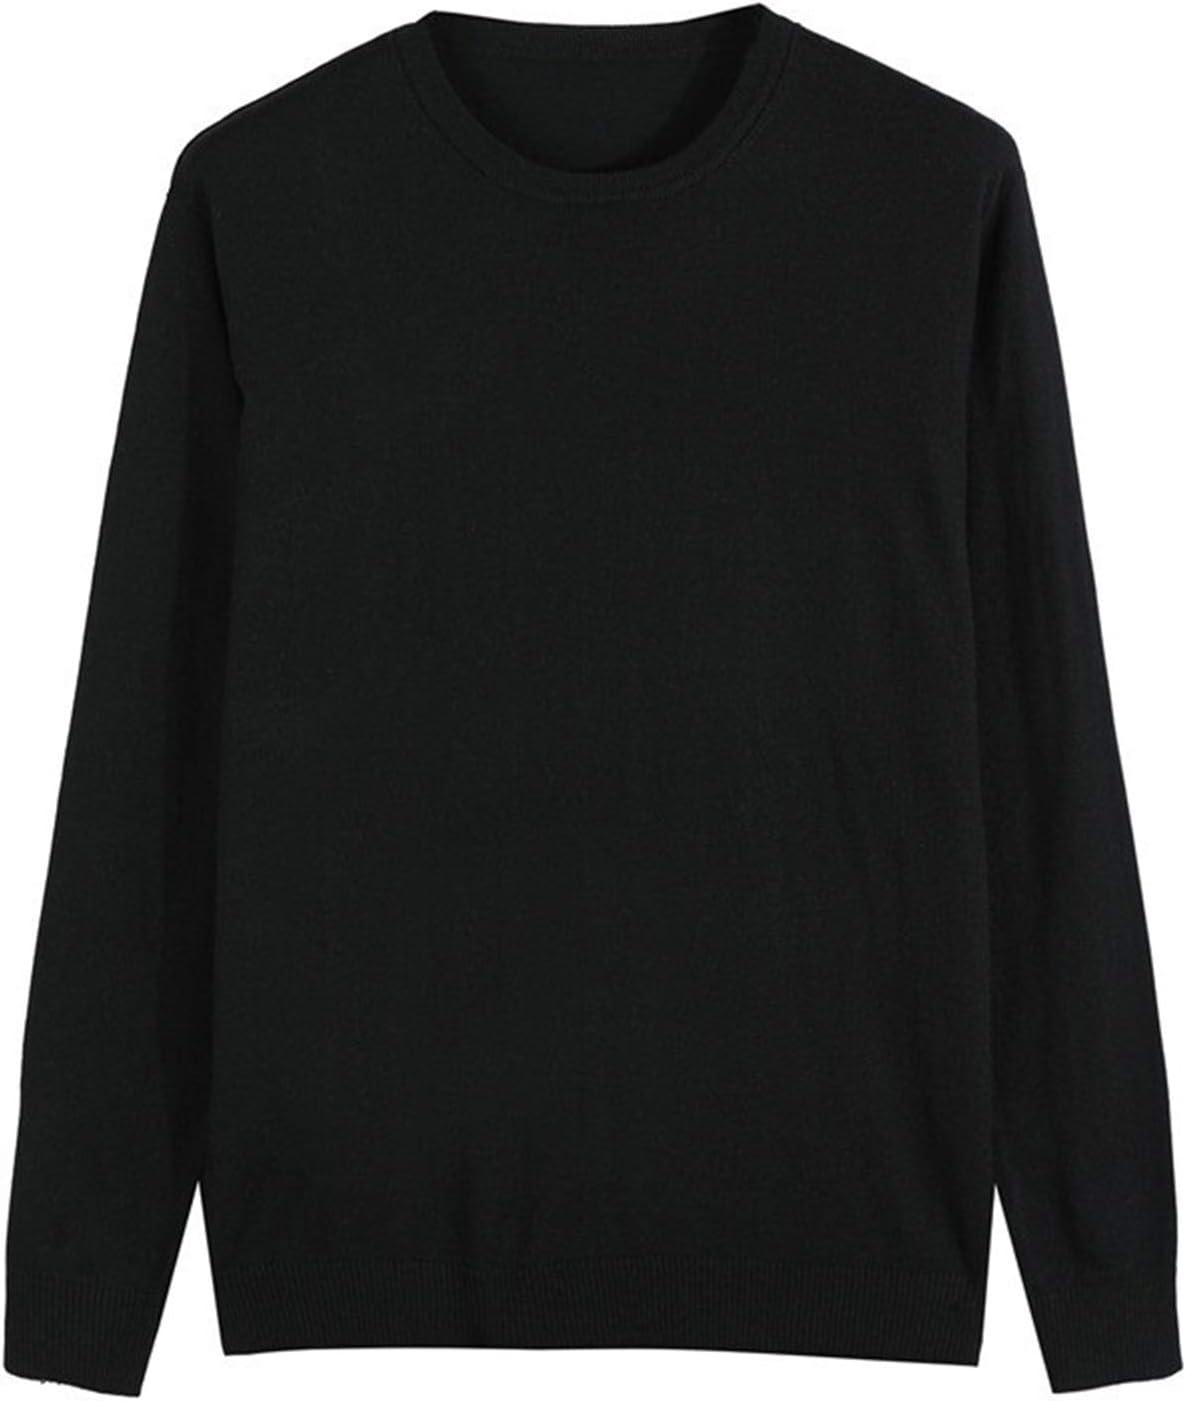 DZHT 10 Colors Men's Casual Knit Sweater Autumn Winter Slim Fit Pullover Cashmere Sweater Men Clothes (Color : Black, Size : Large)